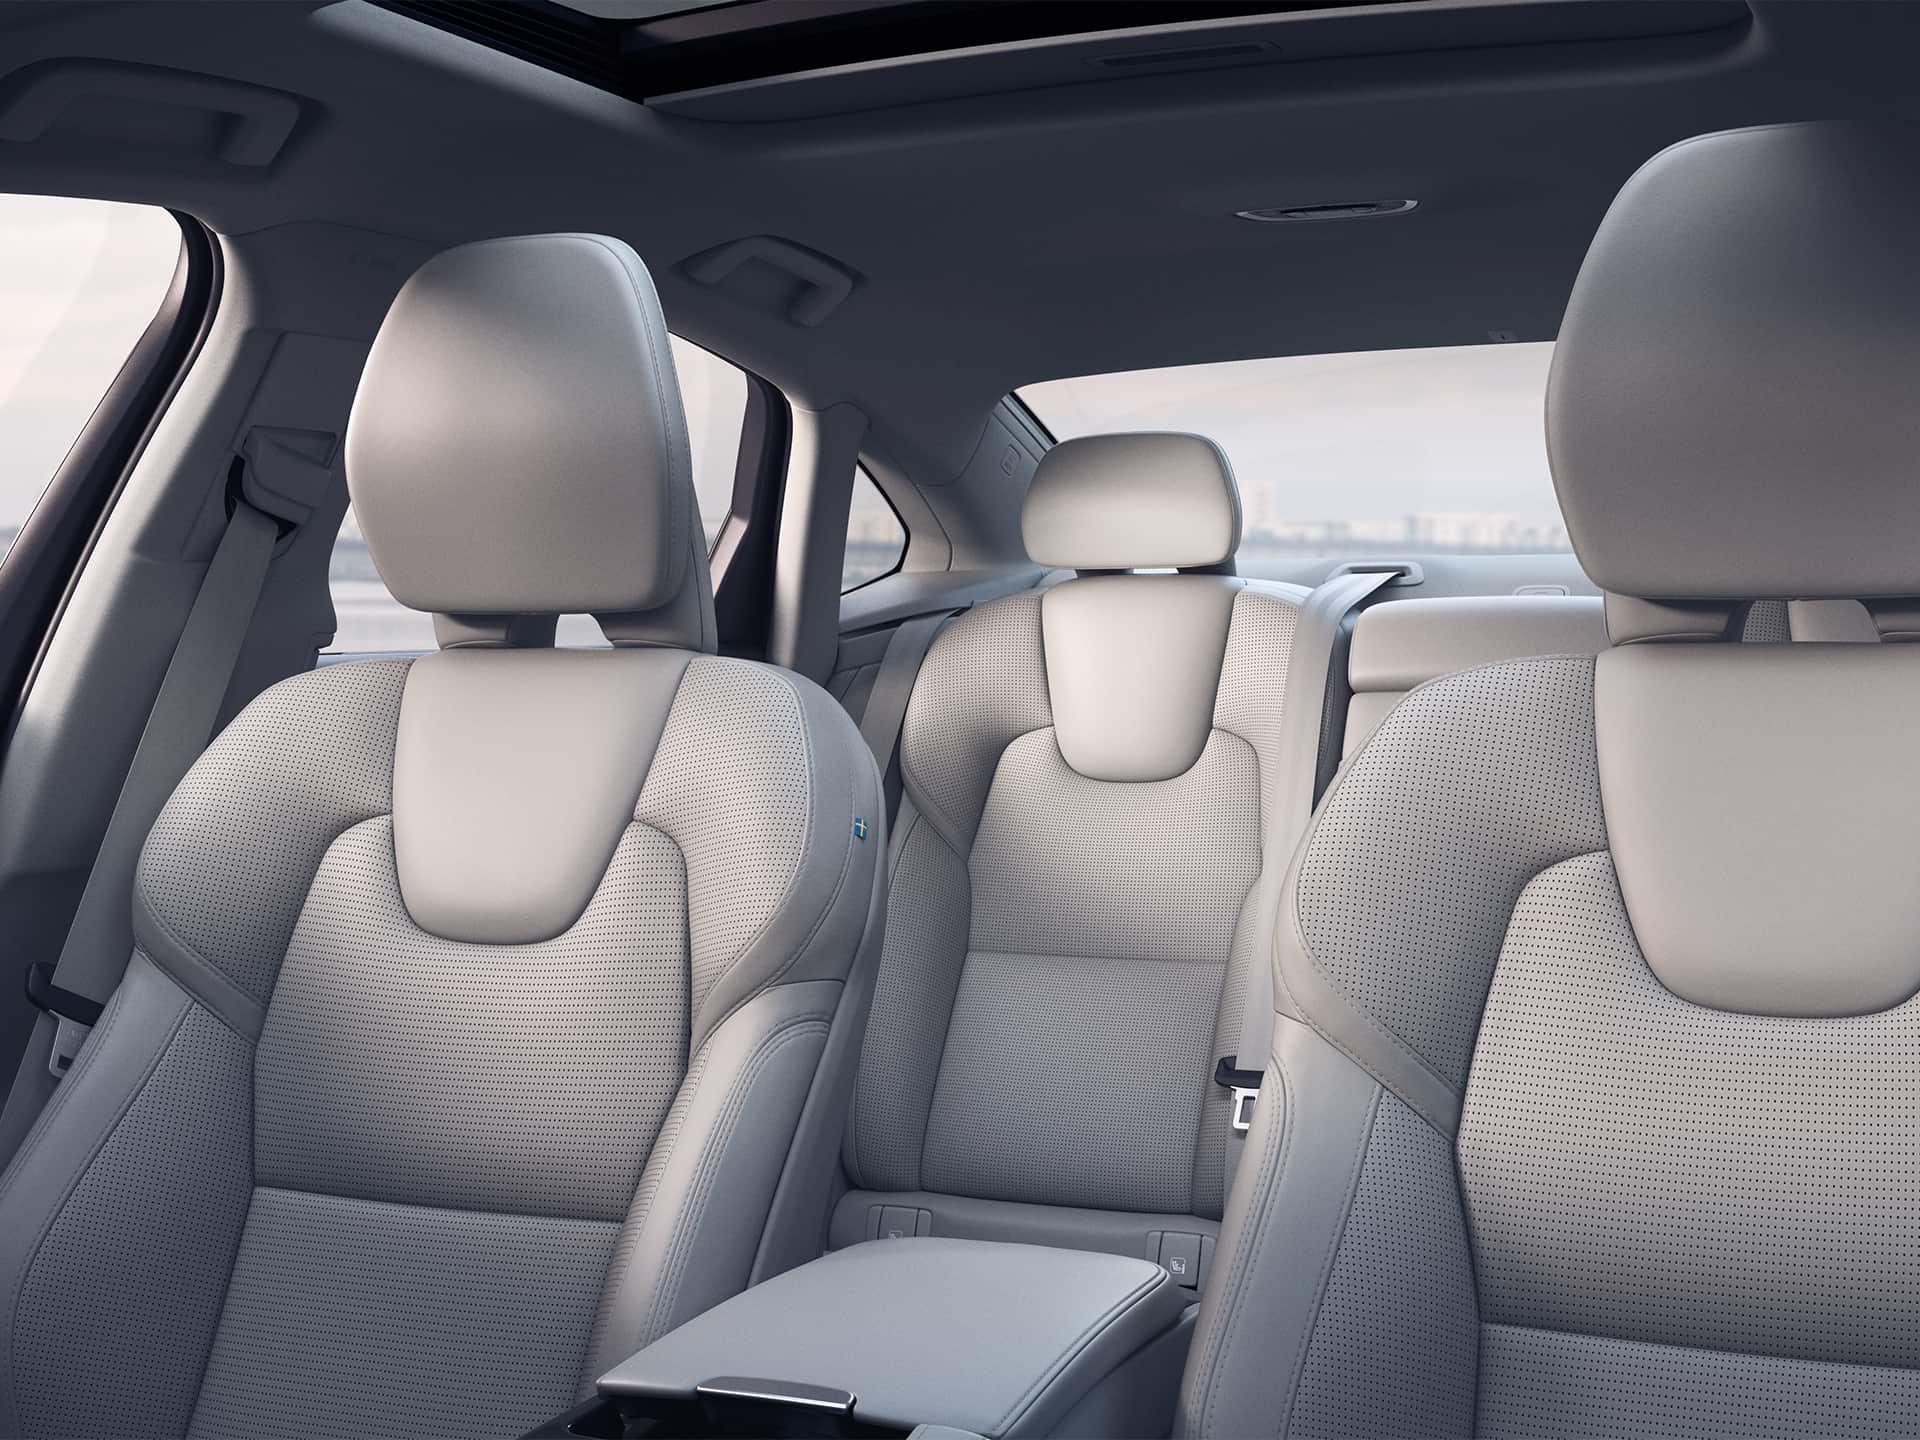 Вид изнутри седана Volvo, светло-бежевый салон